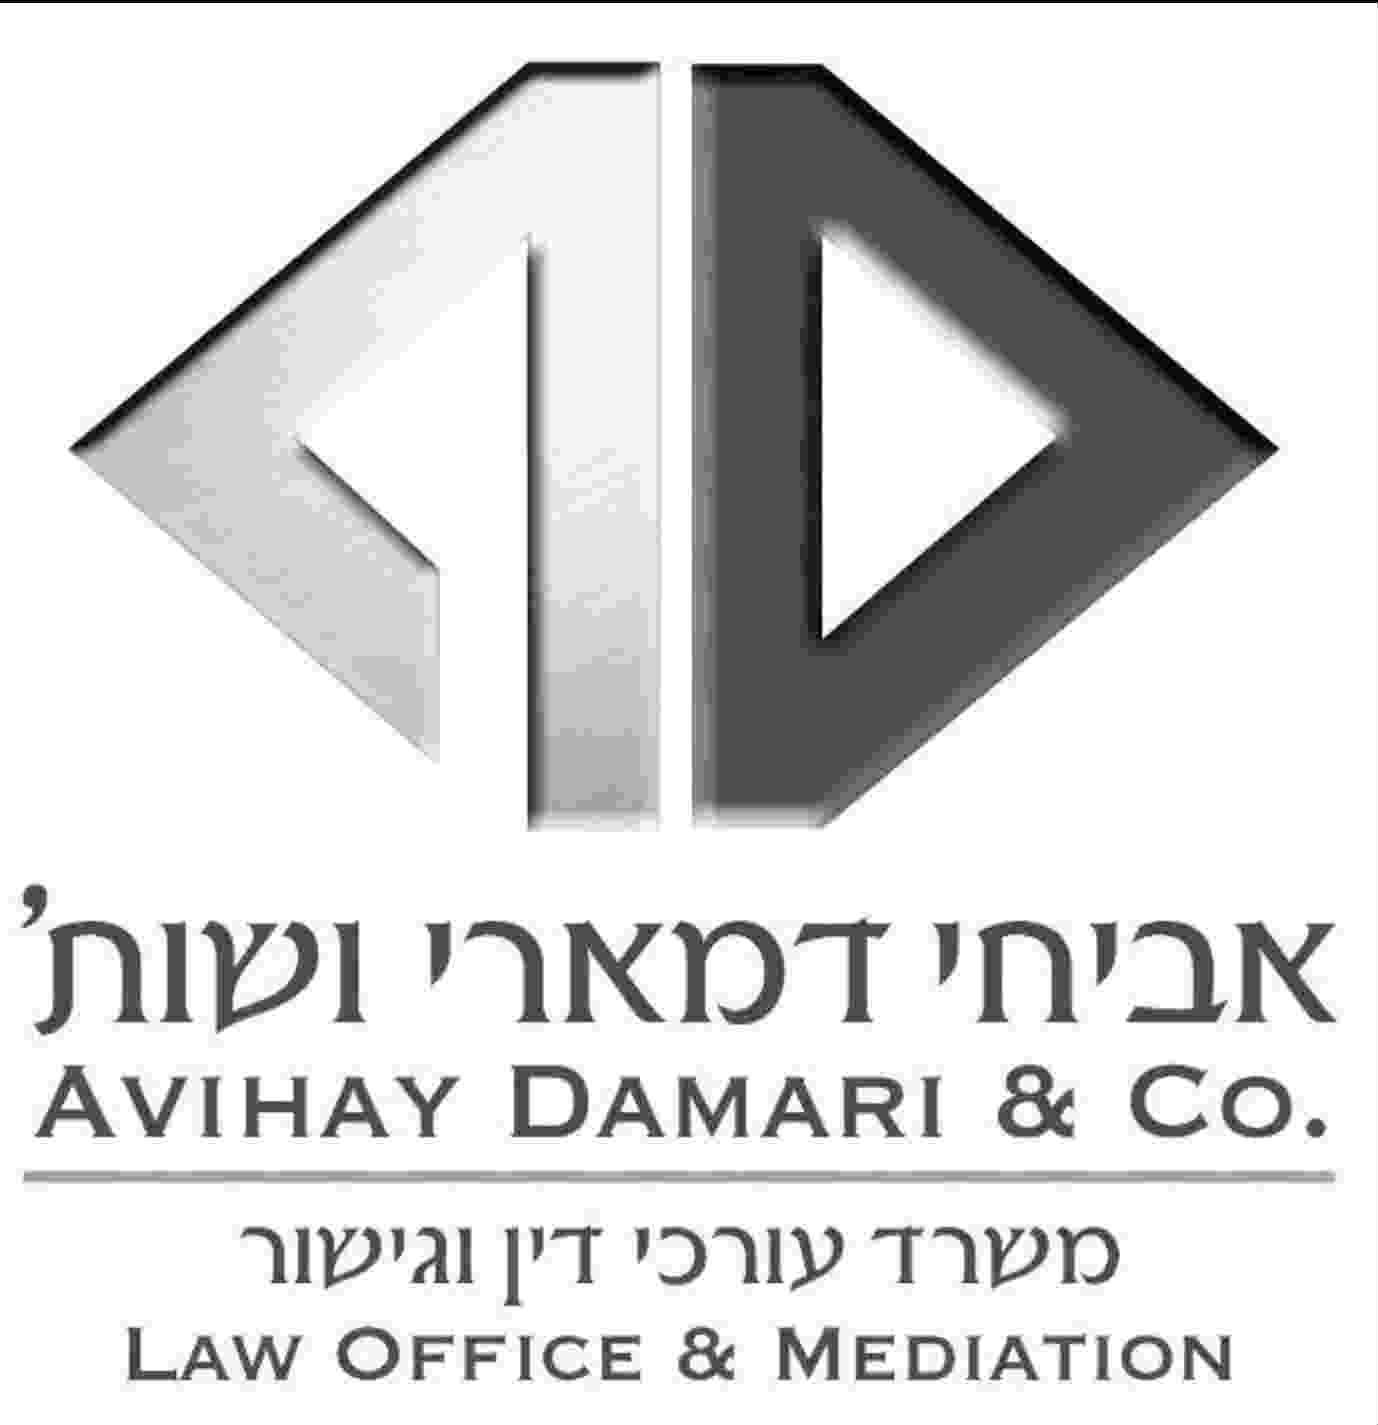 אביחי דמארי ושות' משרד עורכי – דין וגישור